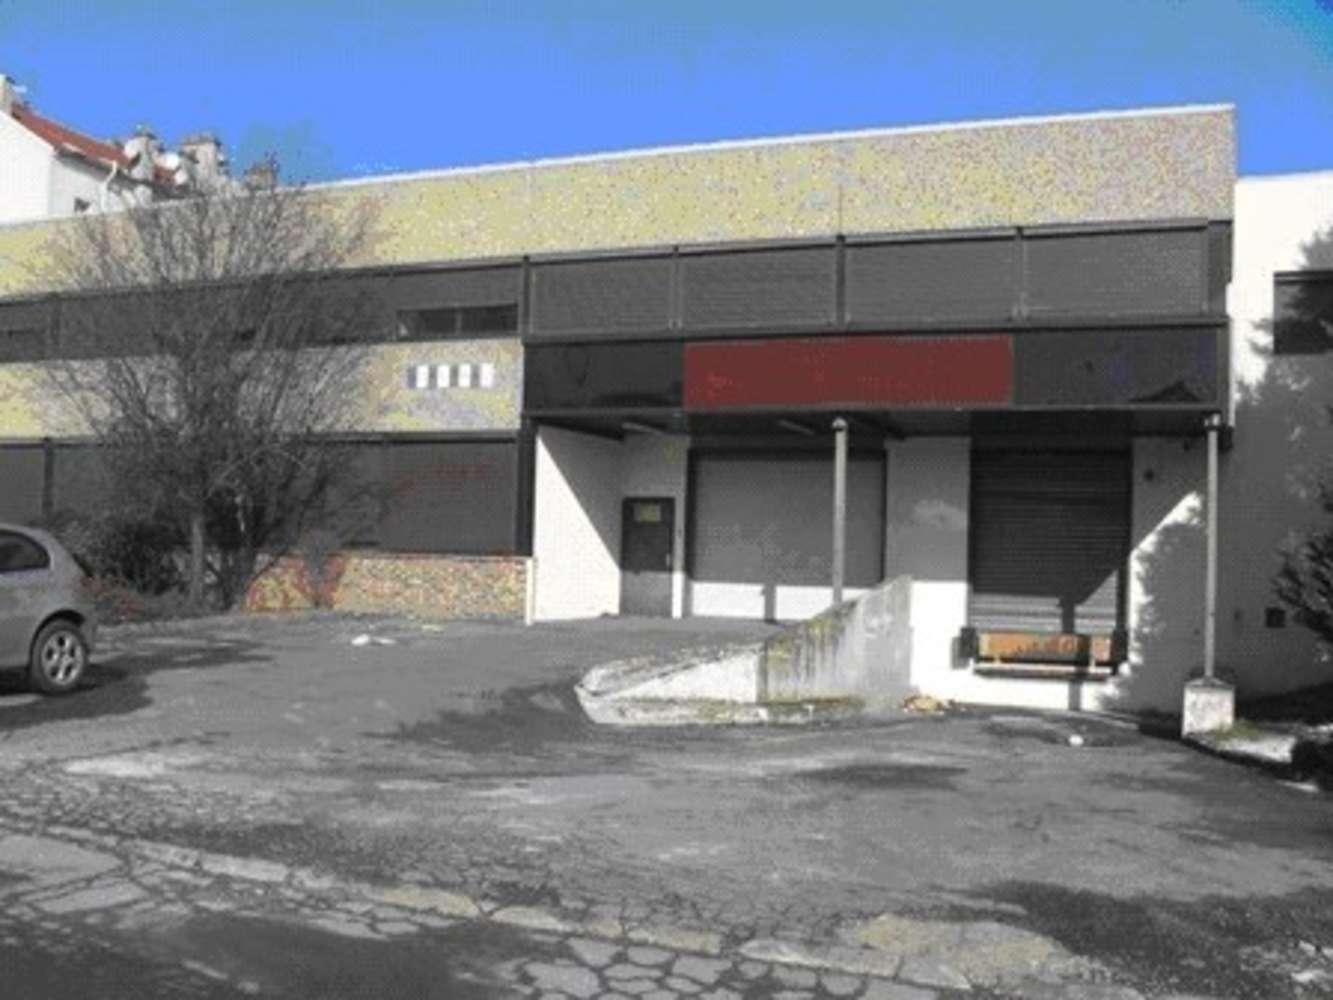 Activités/entrepôt La plaine st denis, 93210 - 214 AVENUE DU PRESIDENT WILSON - 9450767